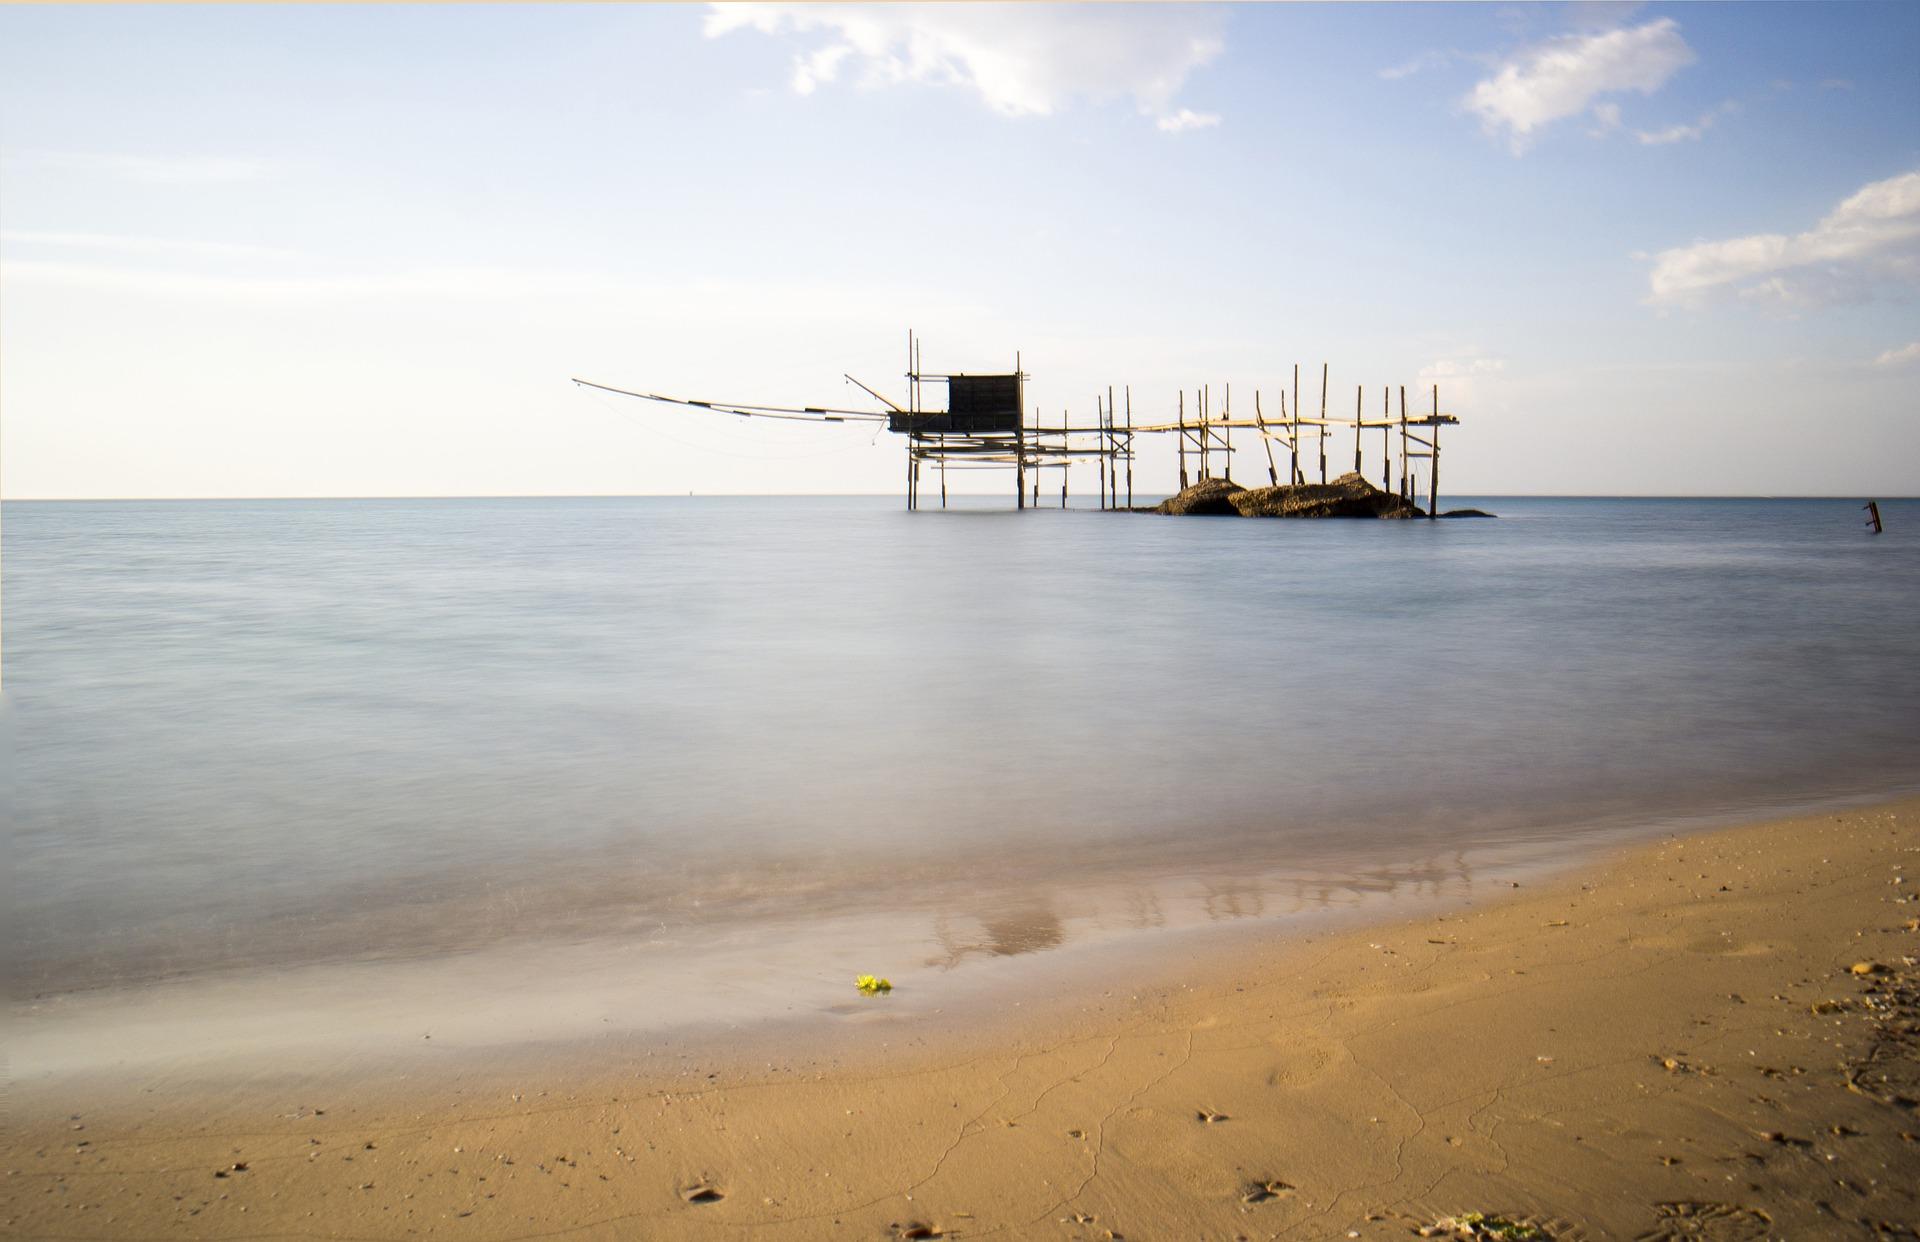 Trabocchi in Abruzzo | Macchine da pesca | Gabriele D'Annunzio